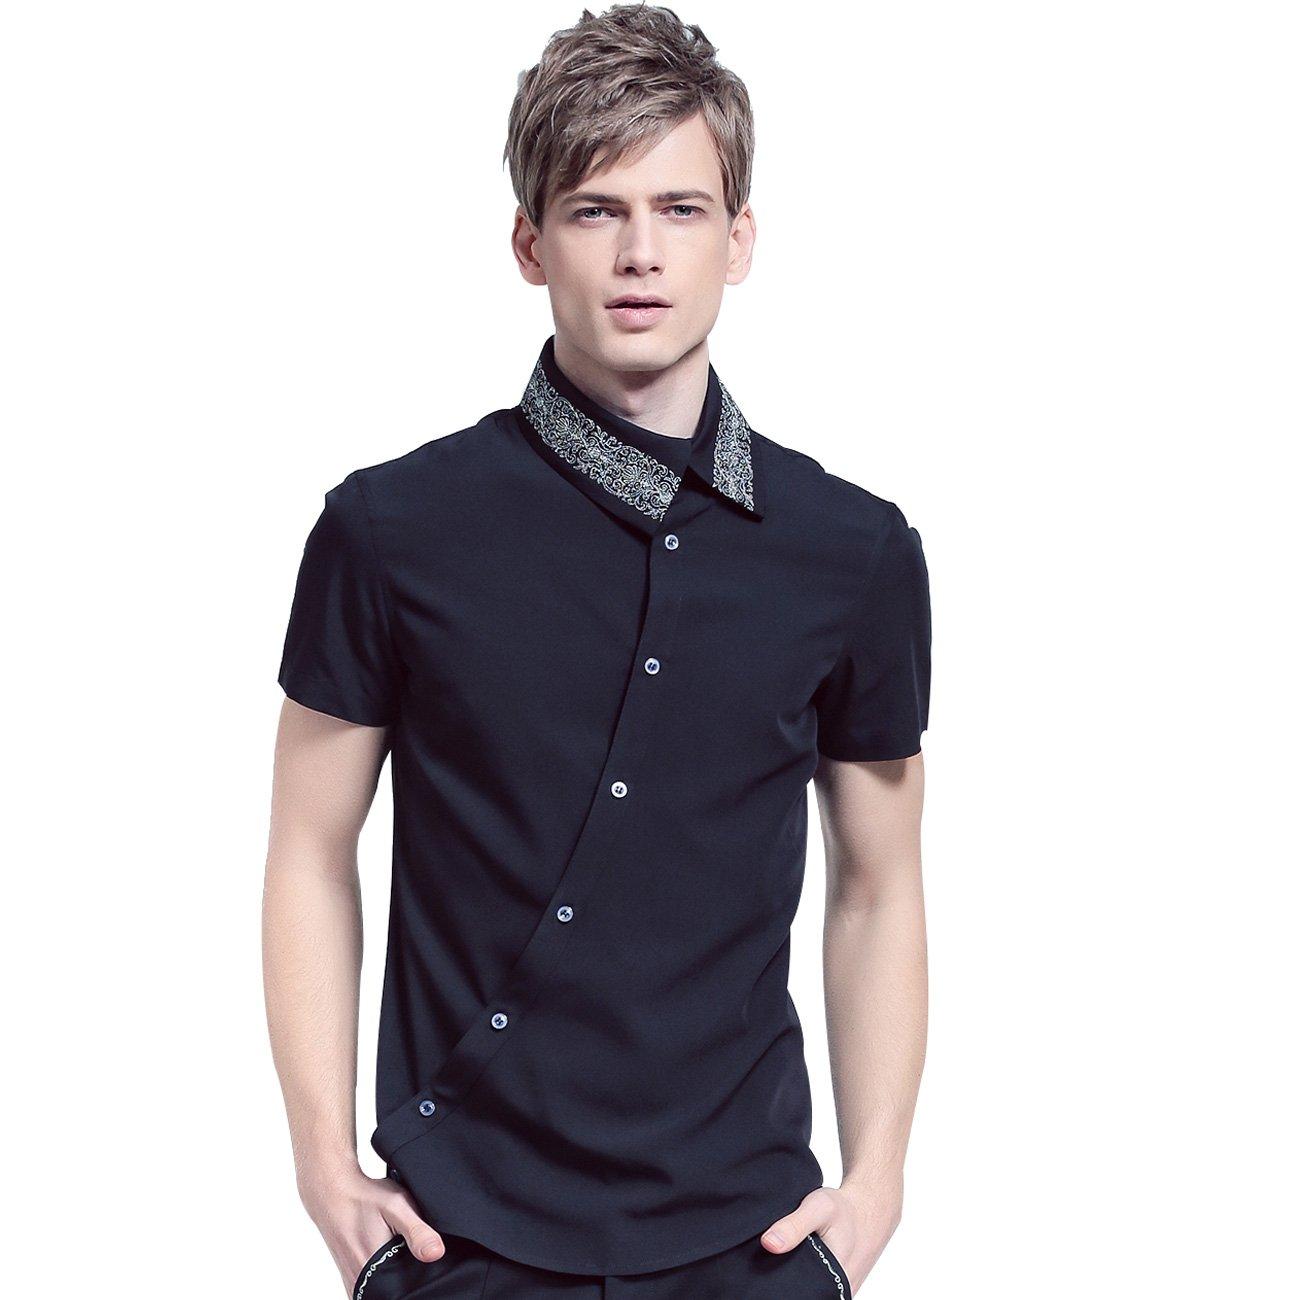 FANZHUAN Camicie Uomo Nera Maniche Corte Moda Men Shirt Nere Classica Wrinkle Free 612066